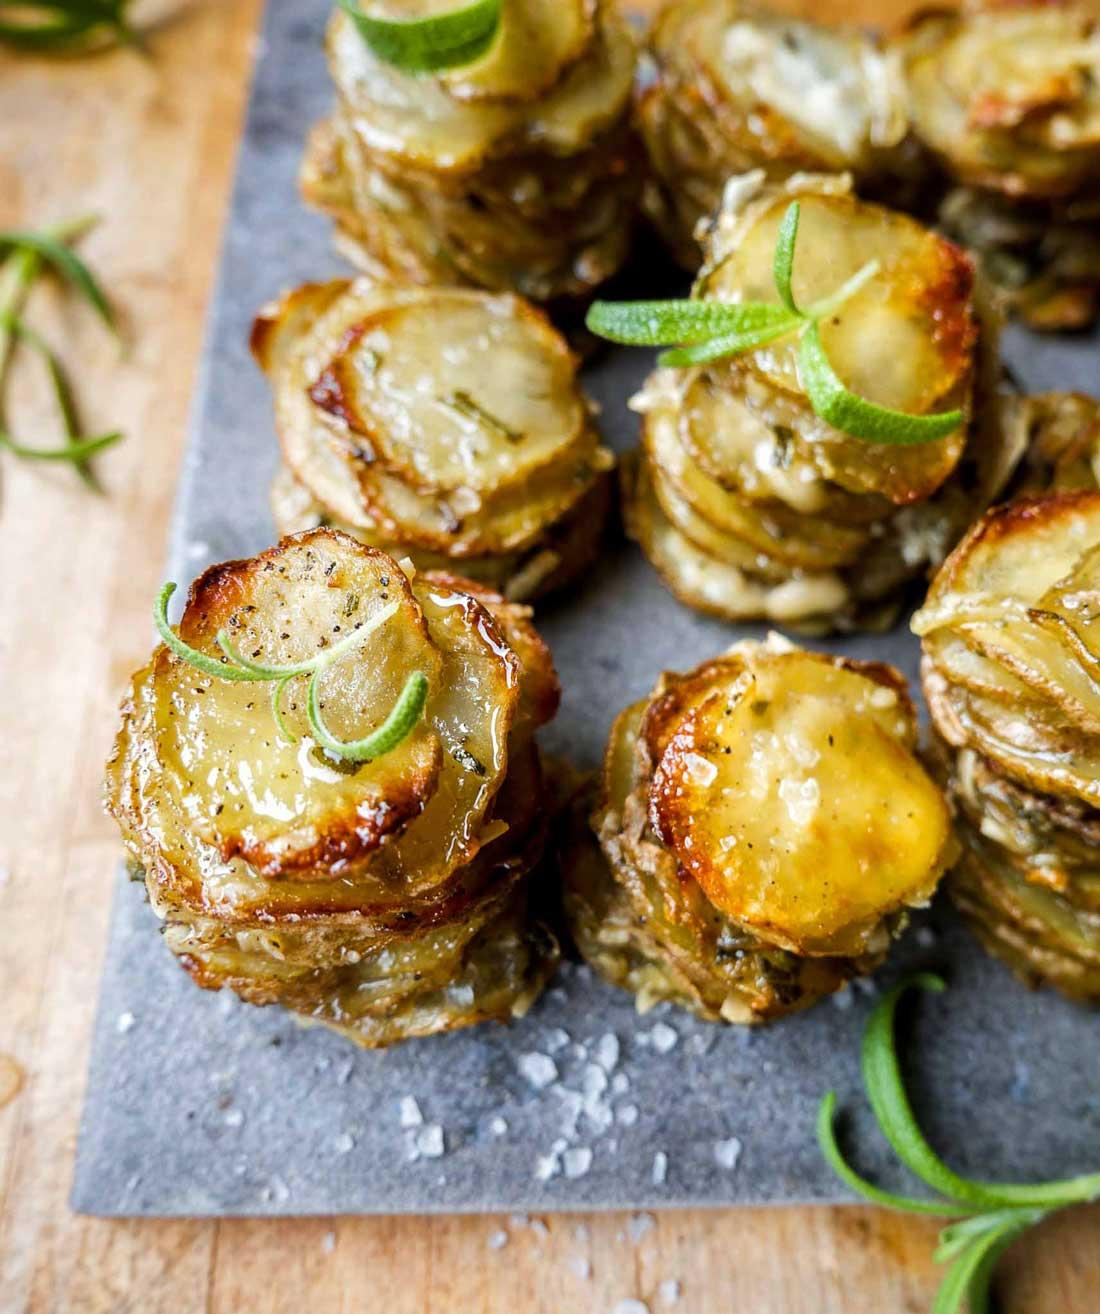 stablede kartofler til aftensmads tilbehør